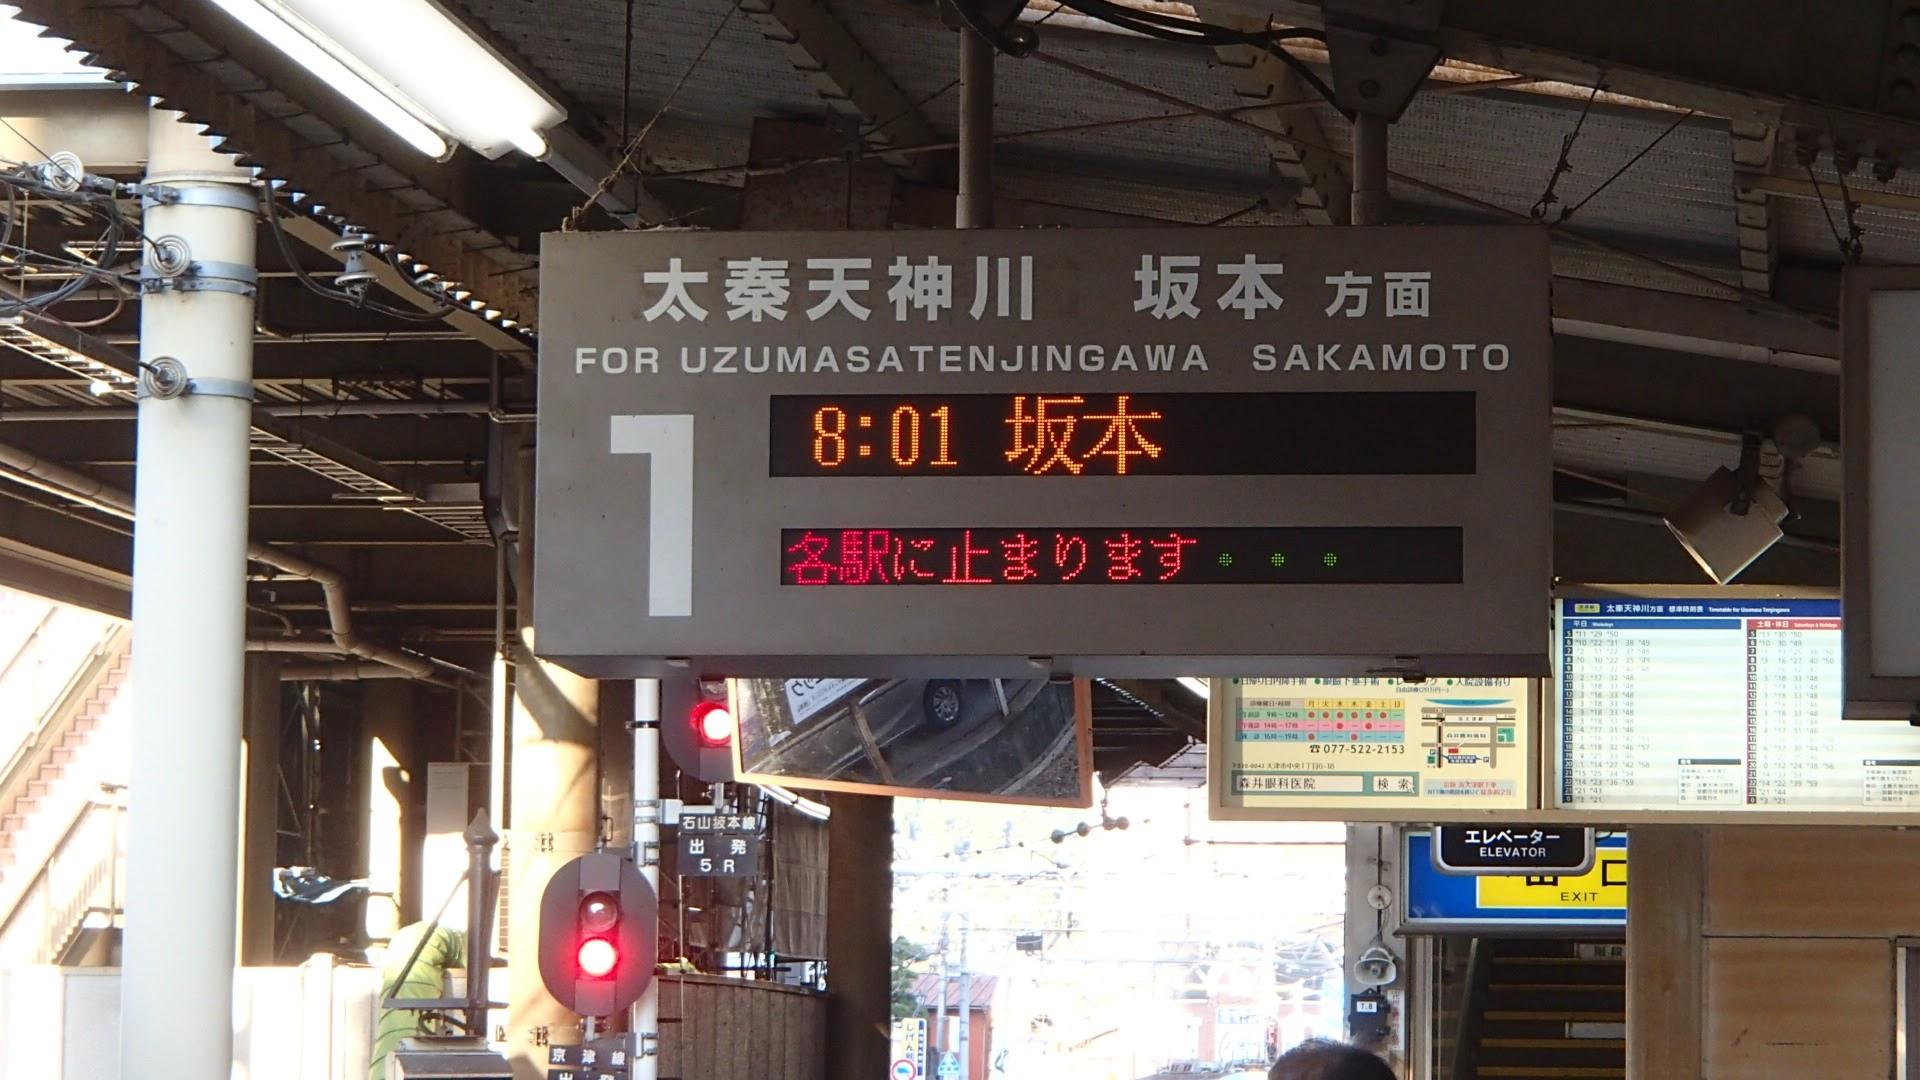 京阪浜大津駅から坂本駅へ